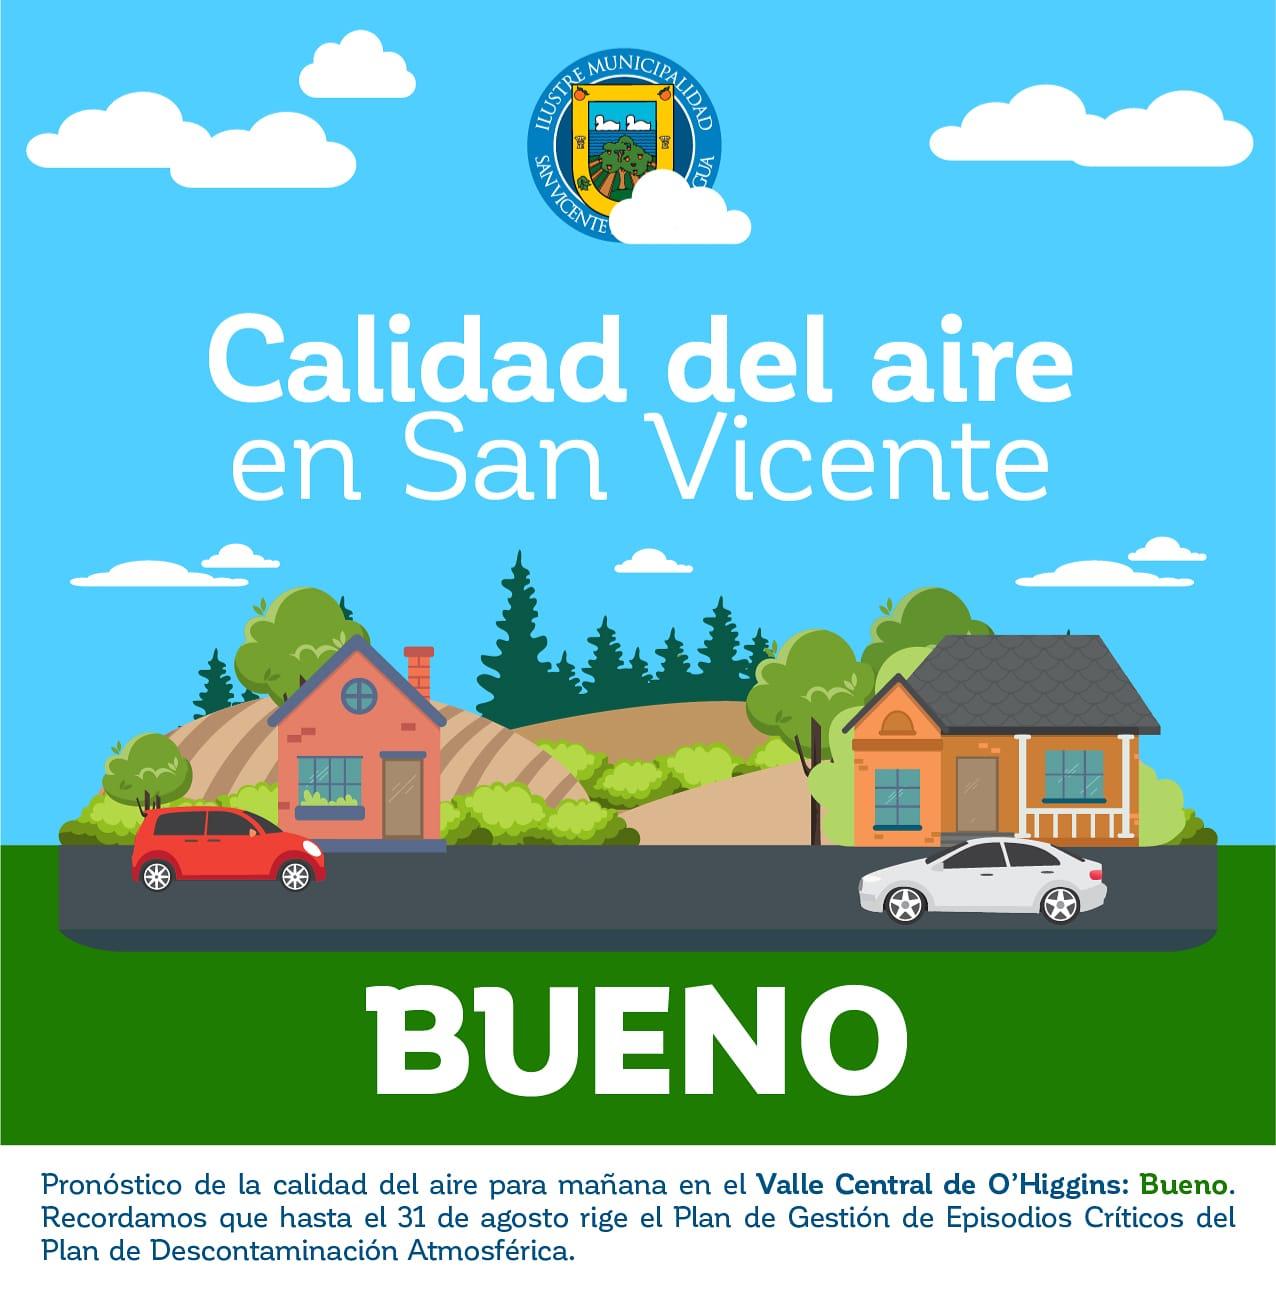 CALIDAD DEL AIRE EN SAN VICENTE DE TAGUA TAGUA JUEVES 2 DE ABRIL: BUENO